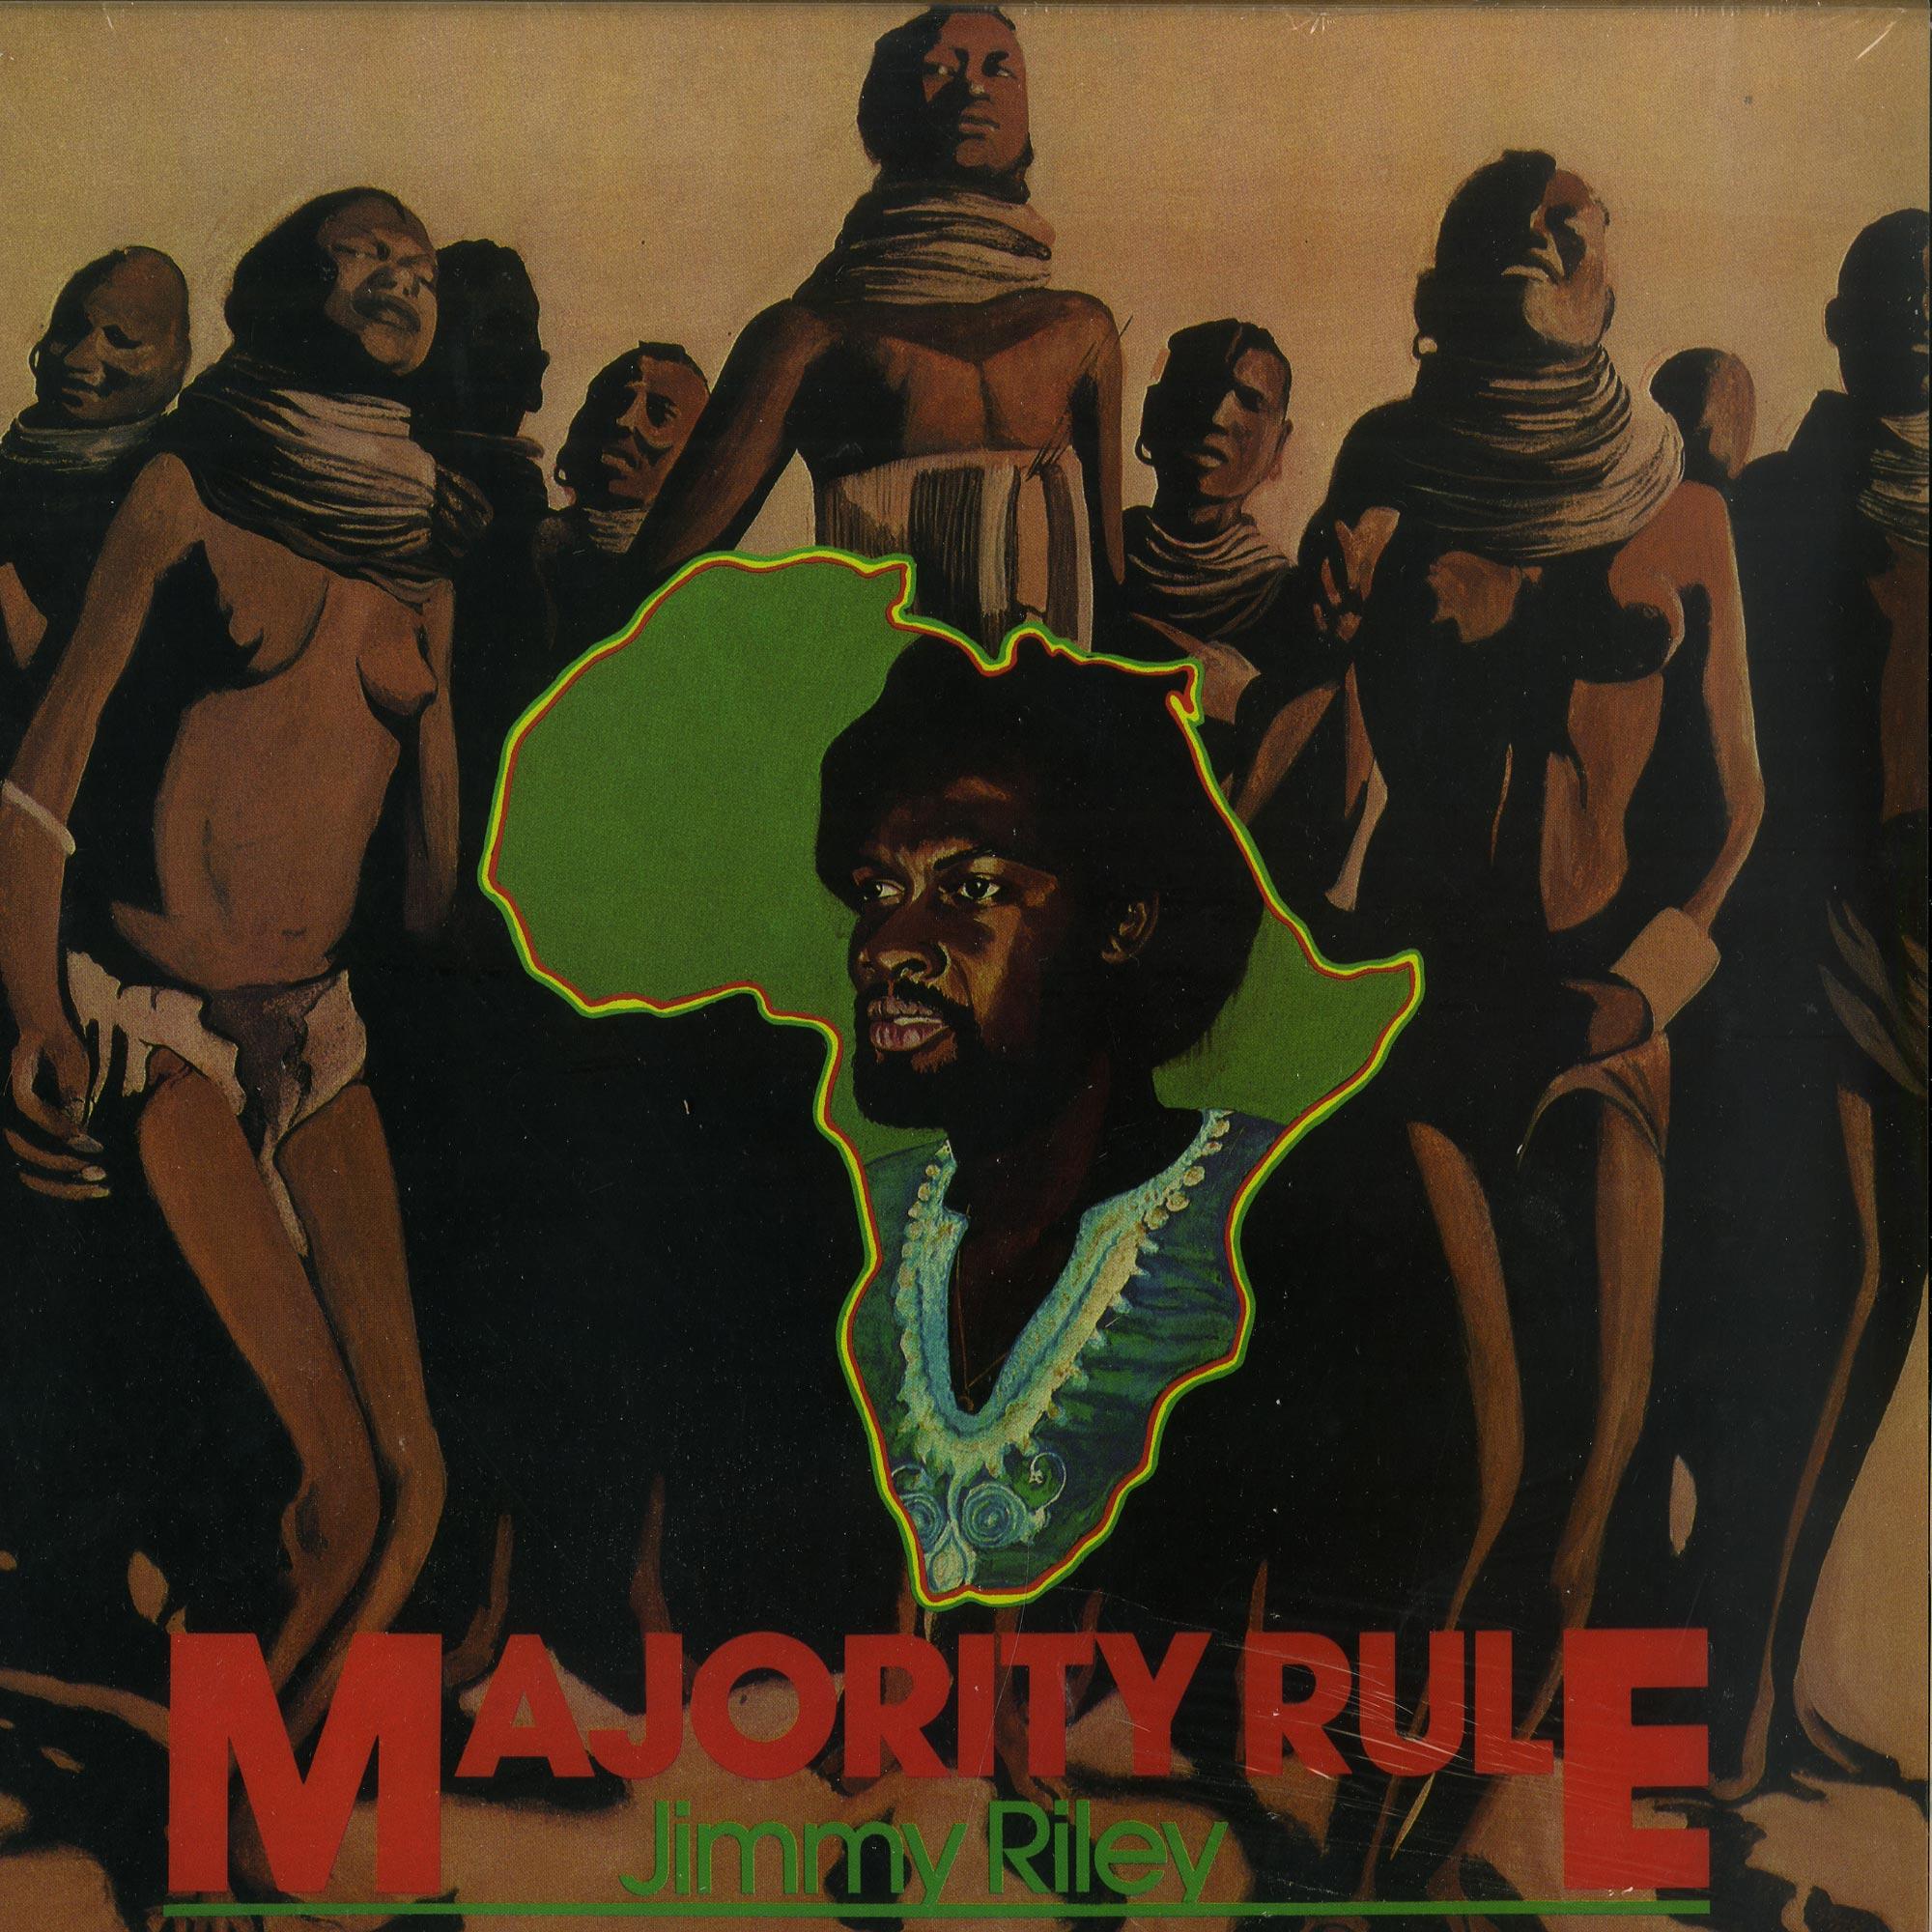 Jimmy Riley - MAJORITY RULE